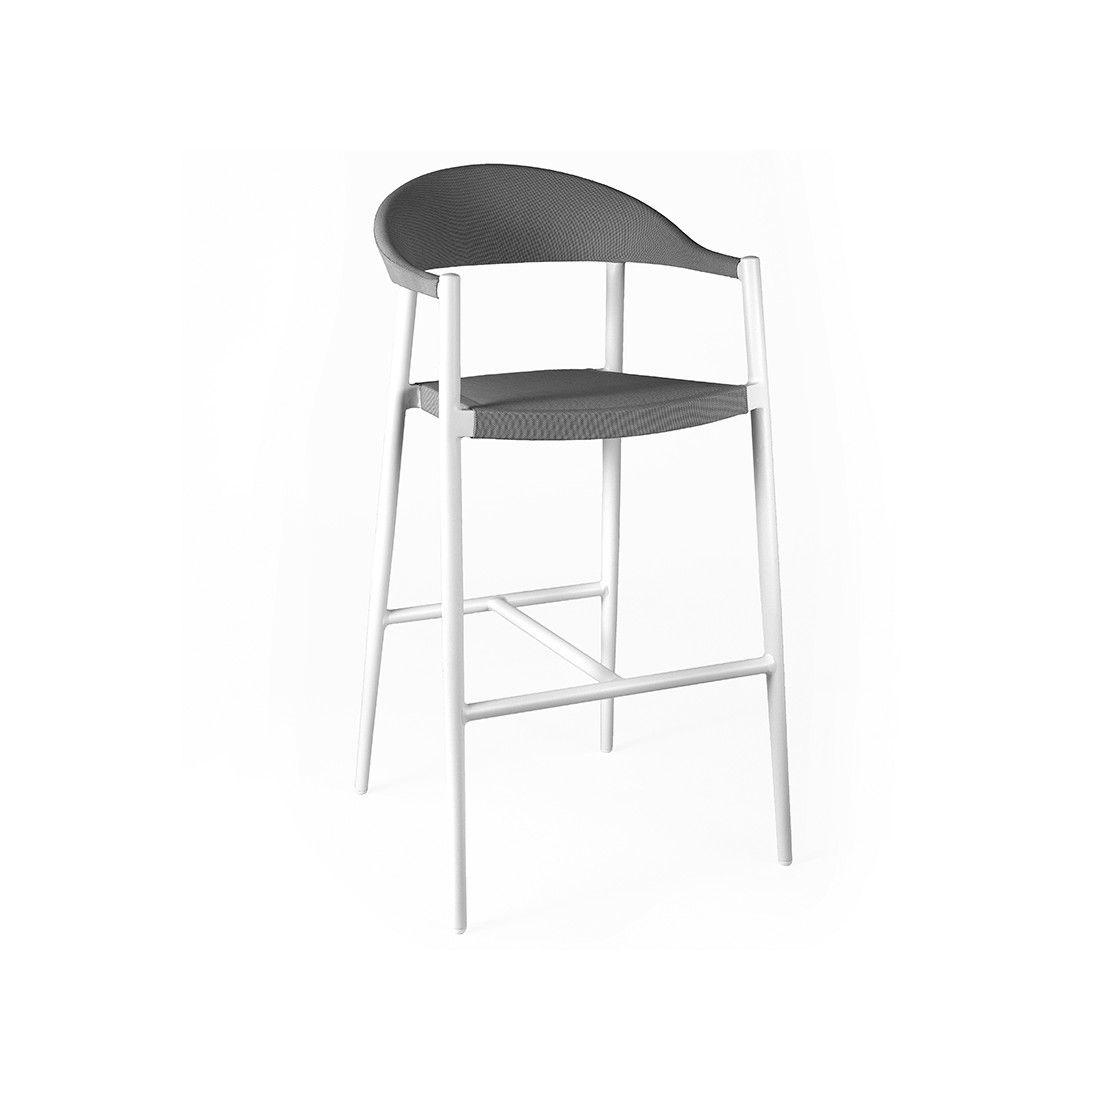 Chaise de bar haute 108 cm en alu et textylène, Matteo